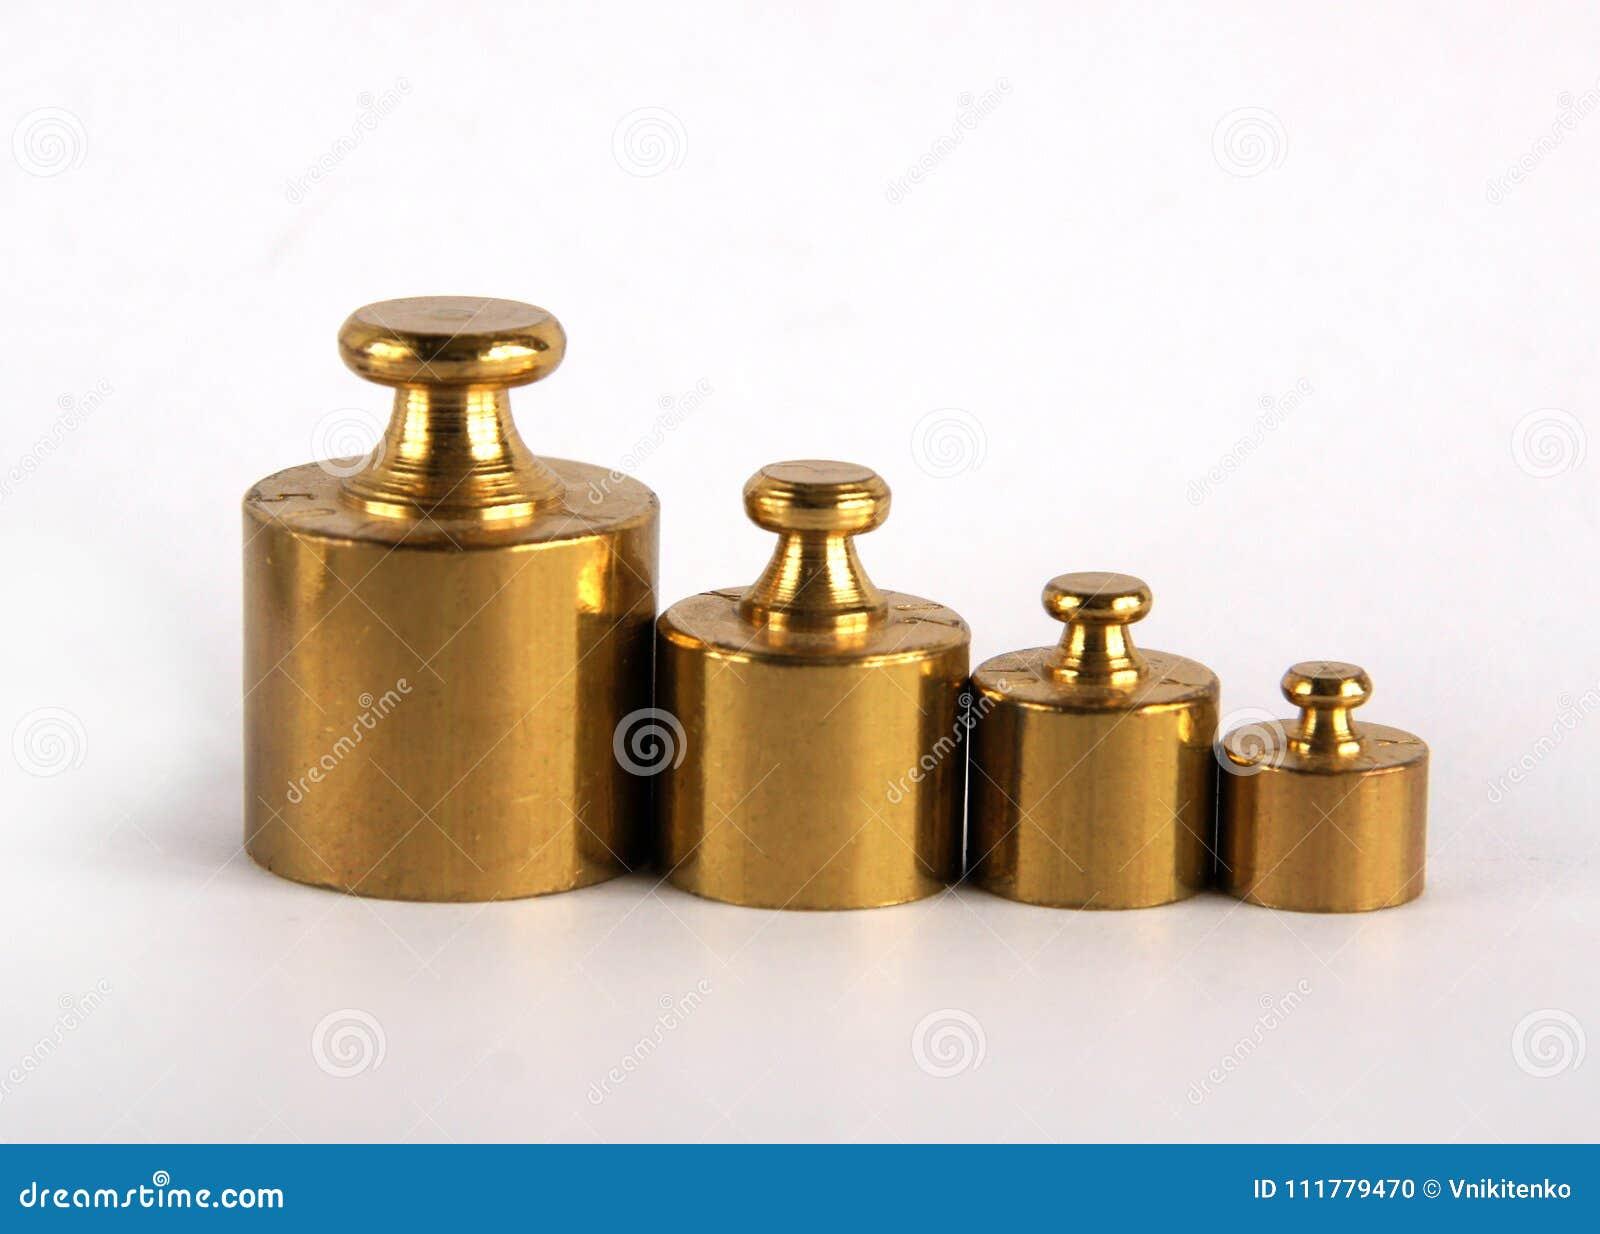 Miniature bronze vintage weights